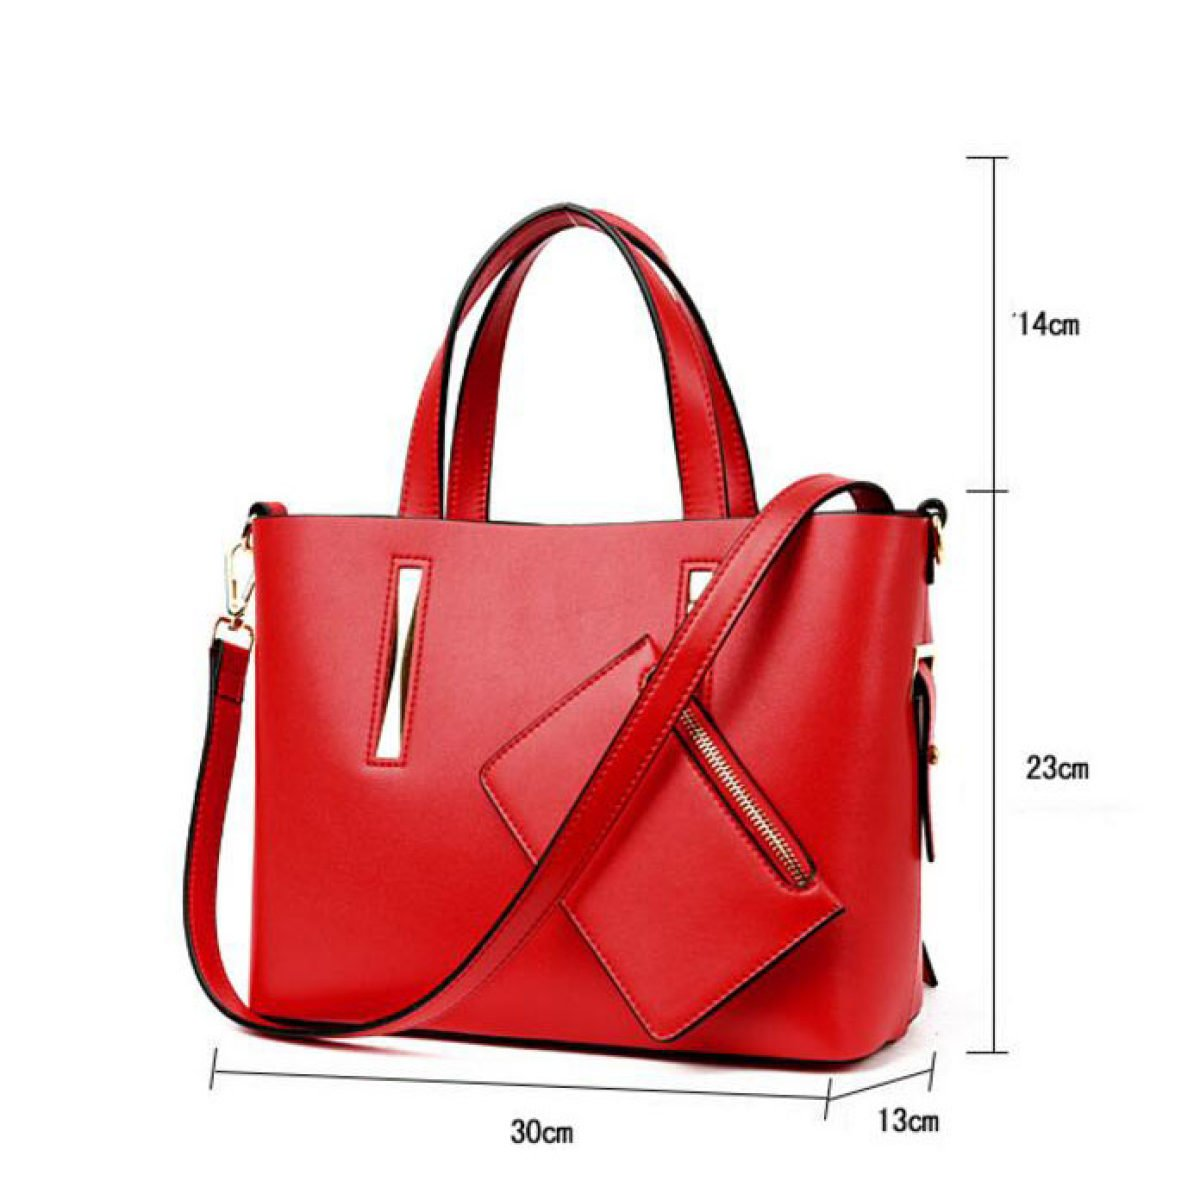 Accesorios De Moda Para Mujeres Bolsos Carteras Bolsos Para Varios Bolsillos,Redwine-OneSize: Amazon.es: Ropa y accesorios